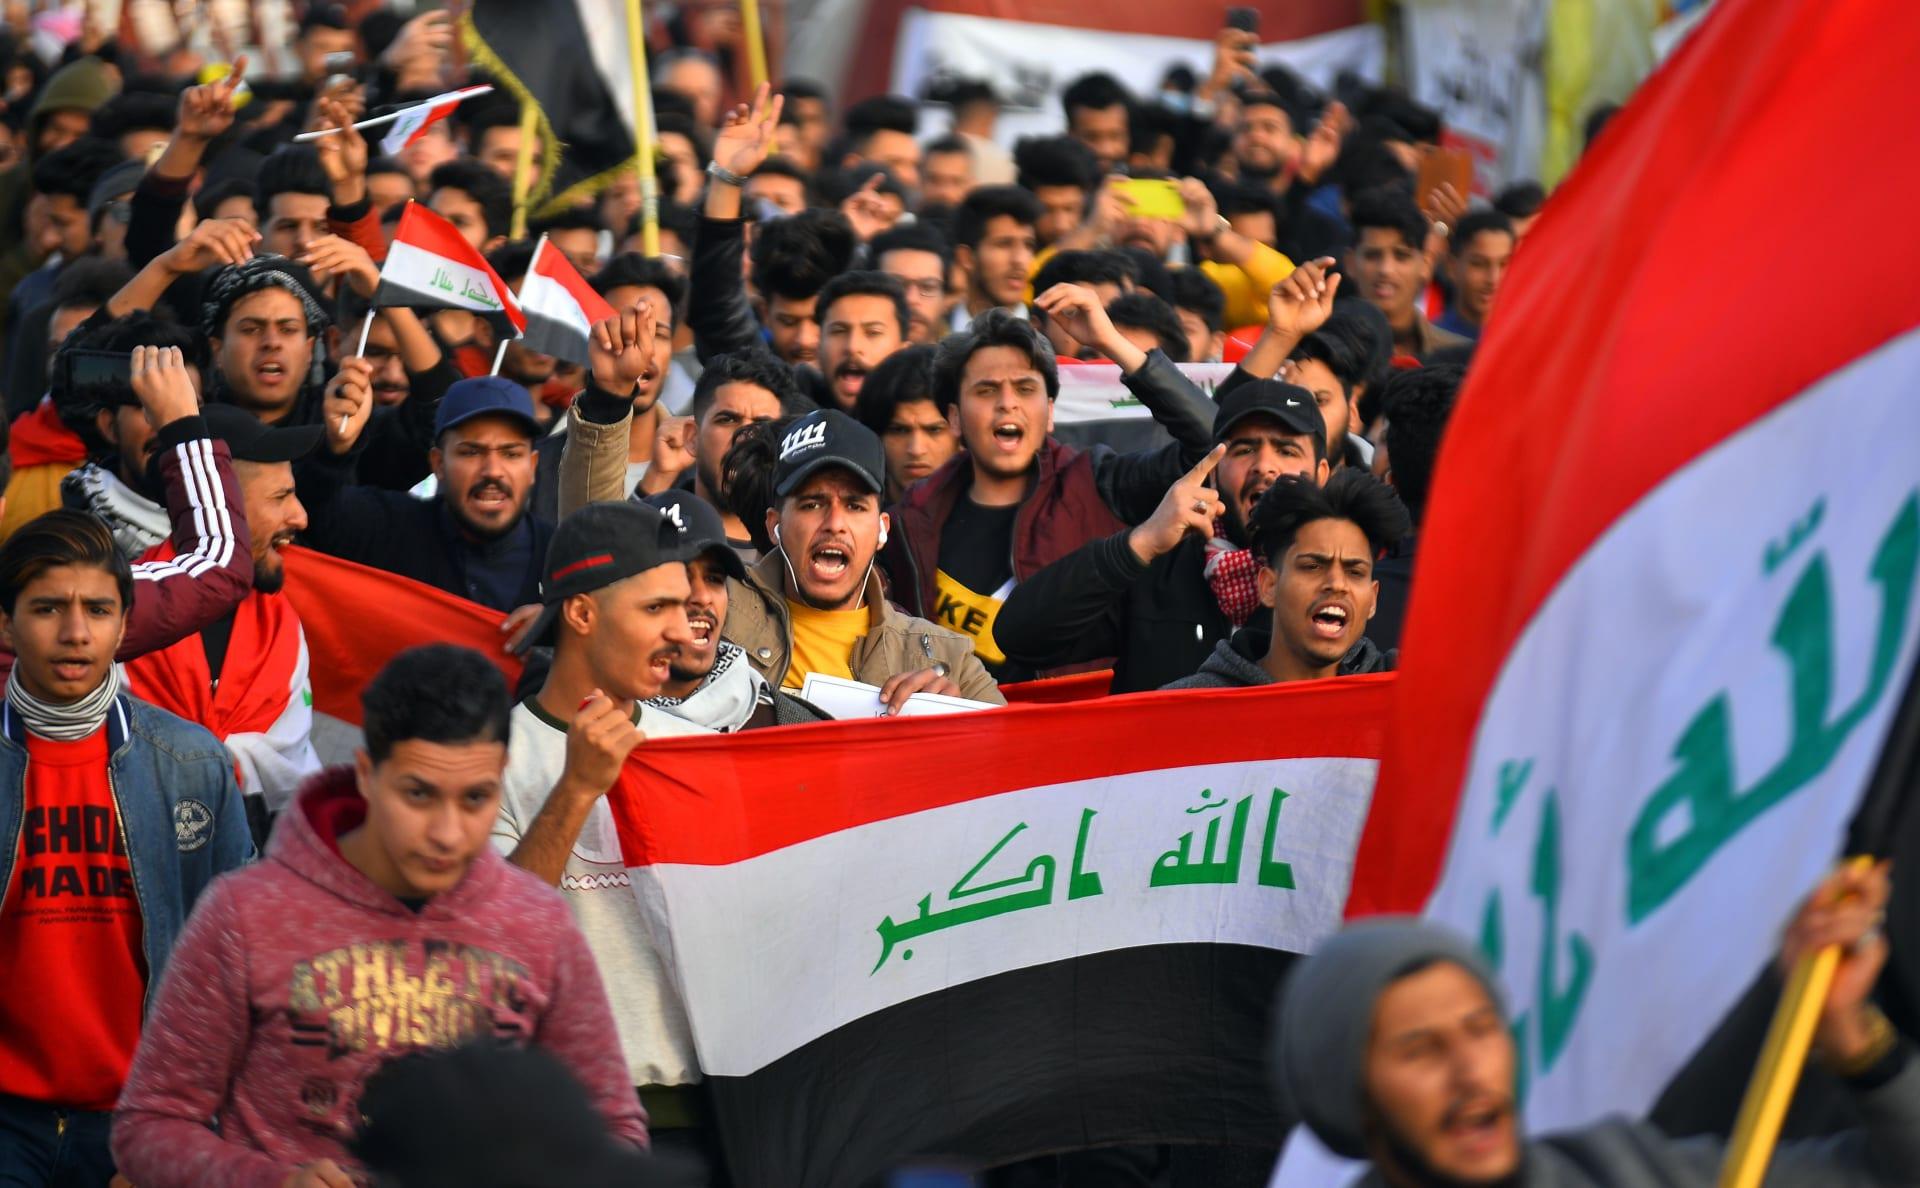 استمرار الاحتجاجات المناوئة للحكومة في العراق